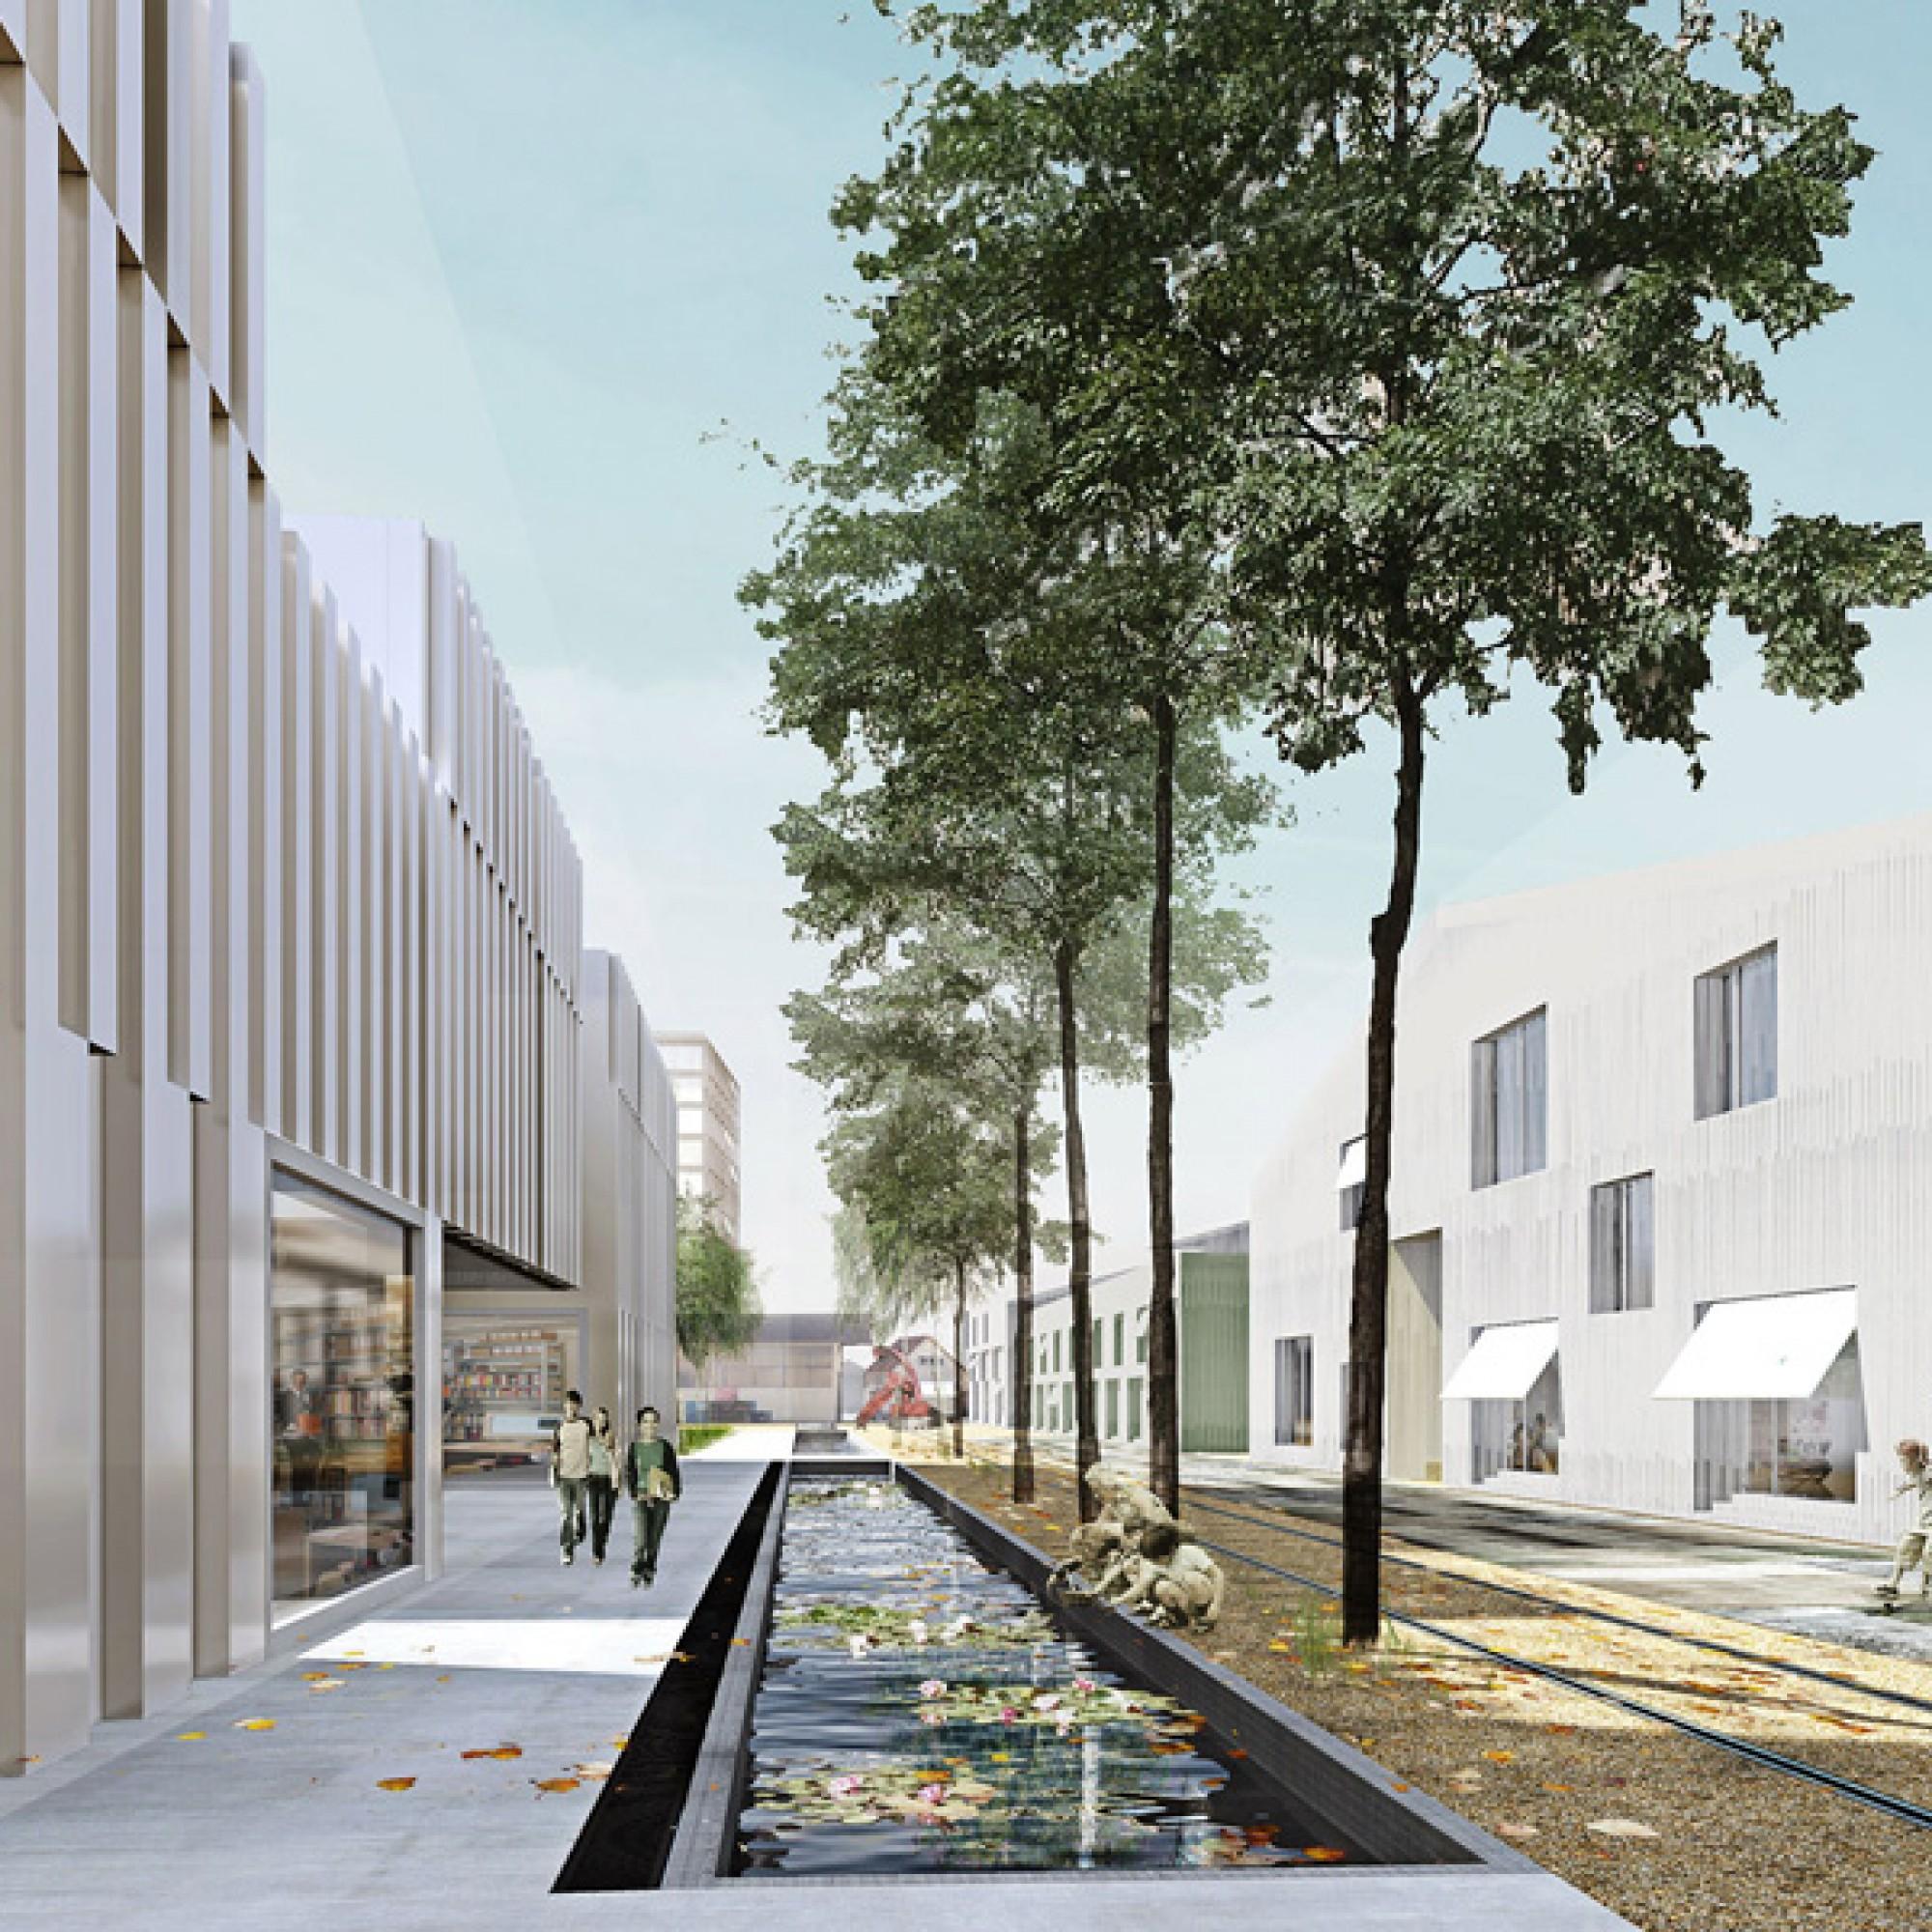 Visualisierung Promenade an Wasserkanal und Geleiseanlagen